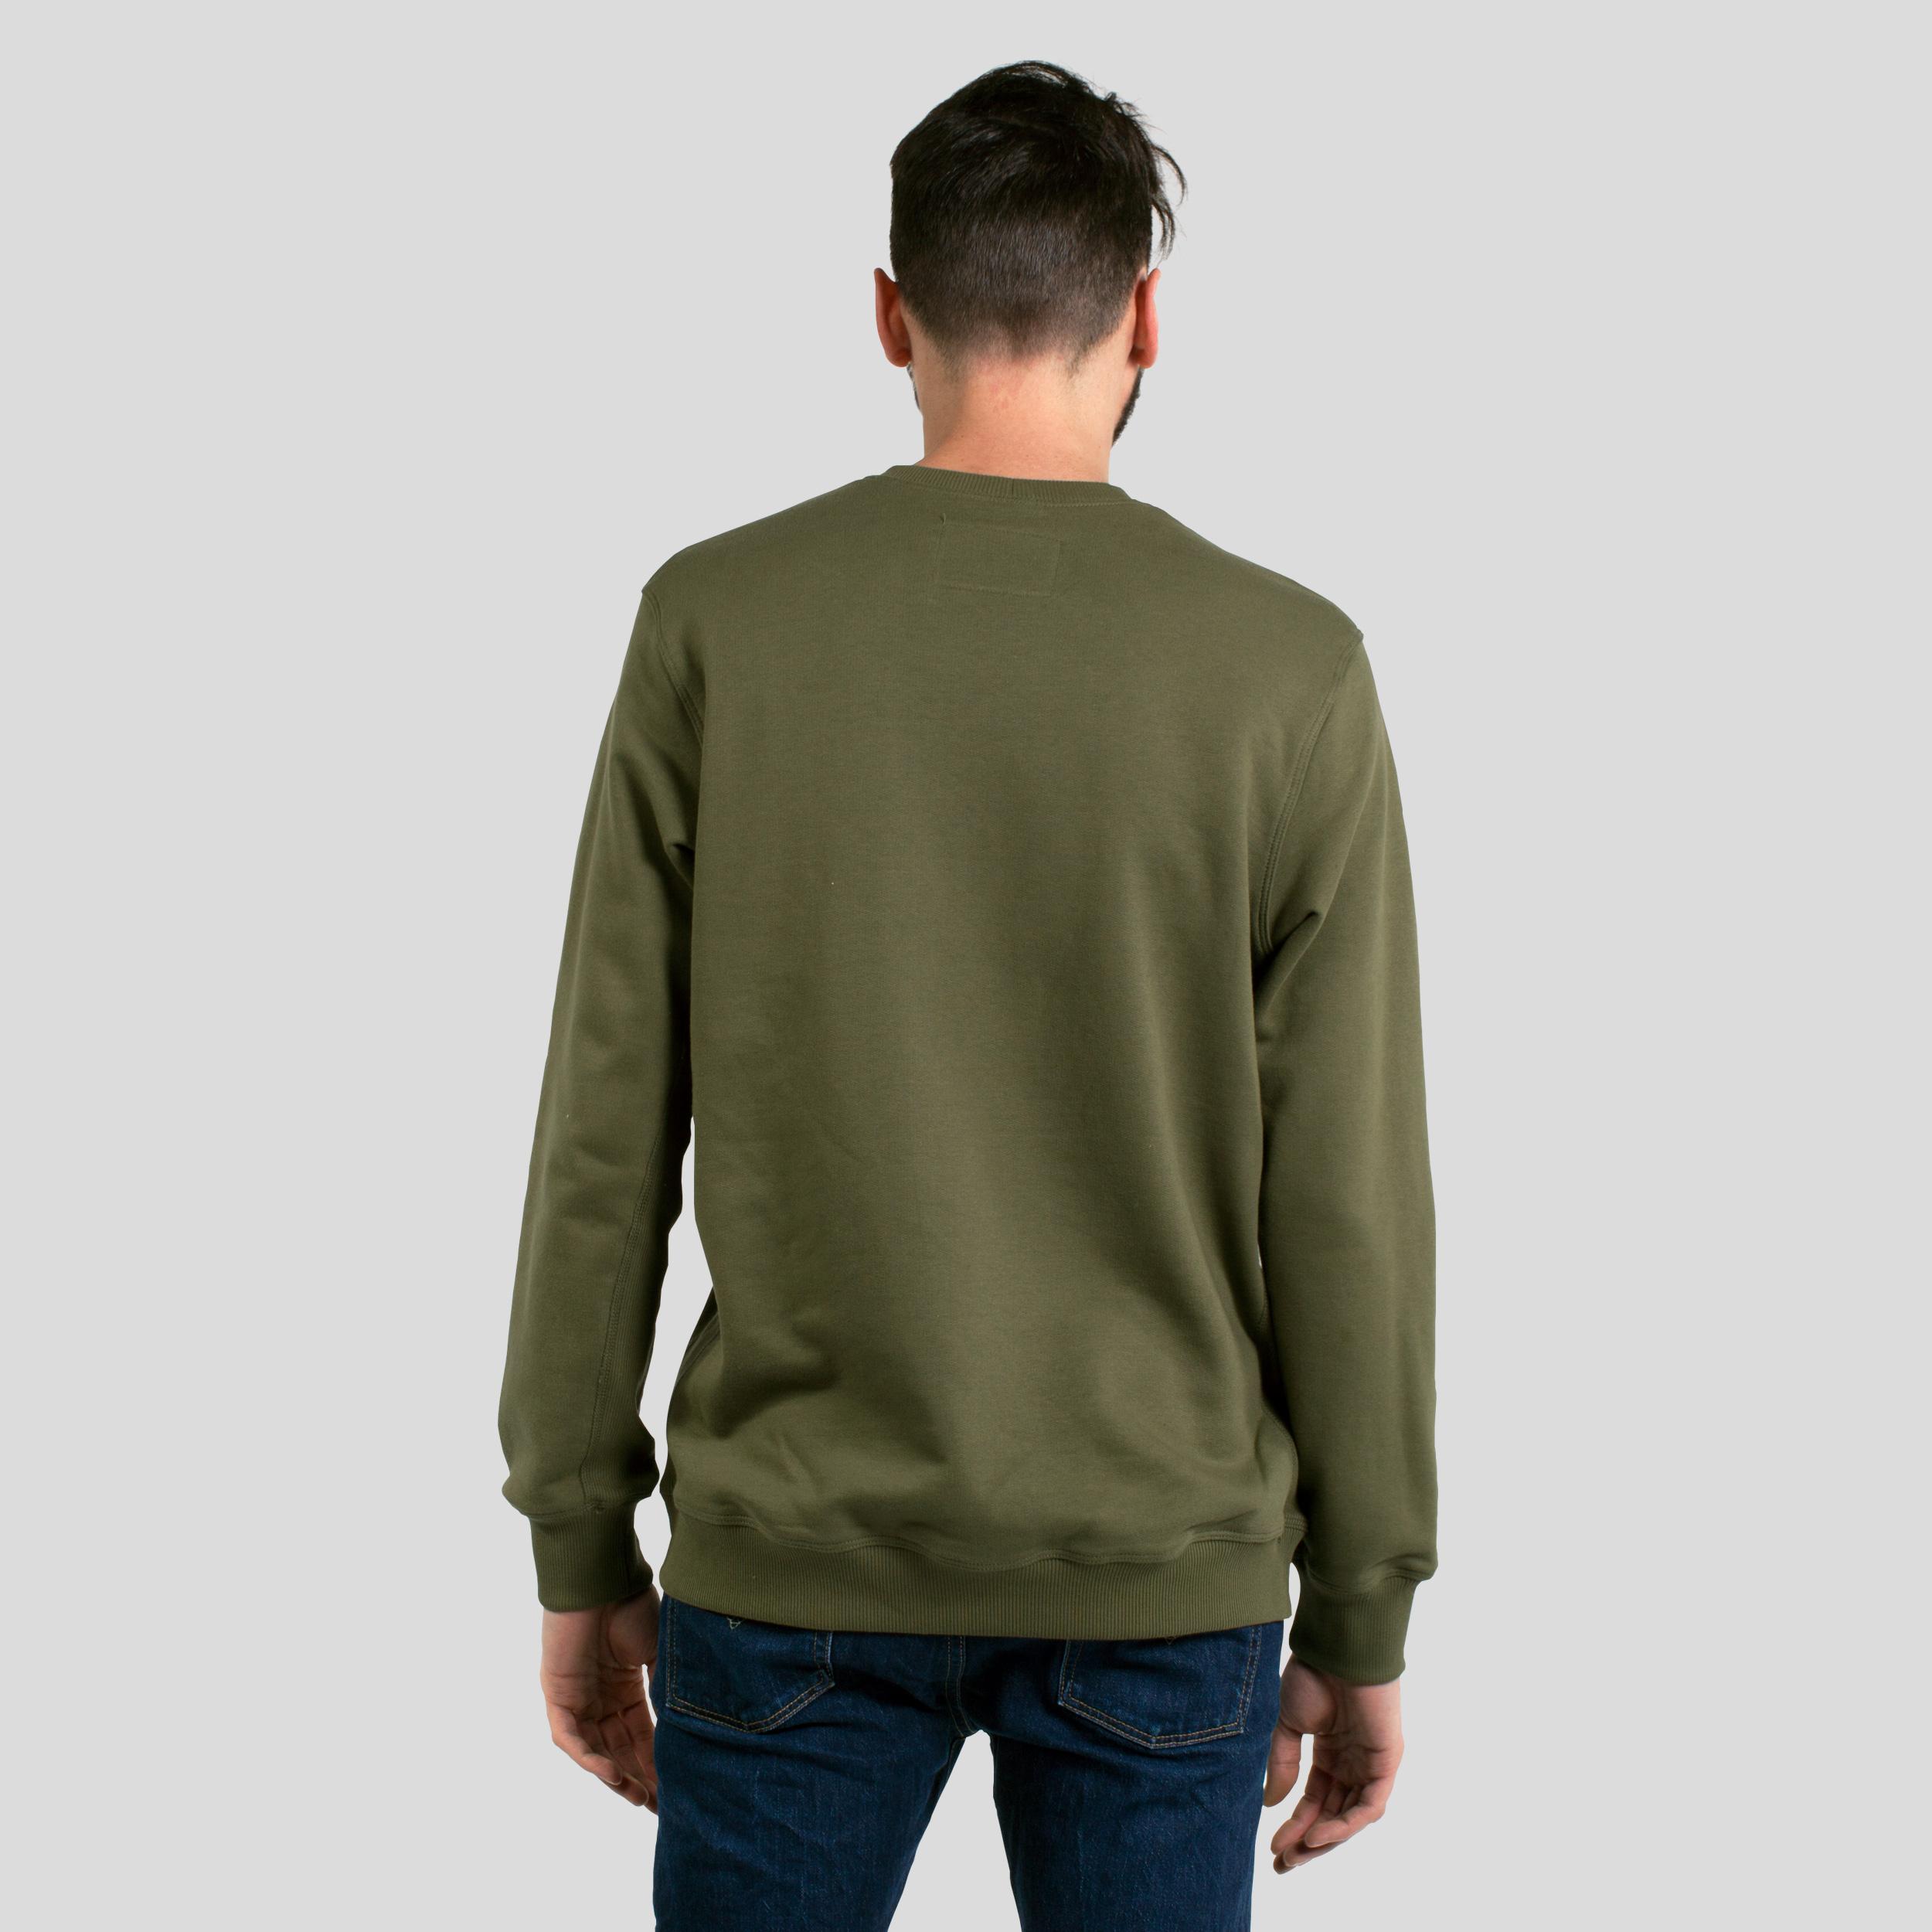 larry-green-back.jpg